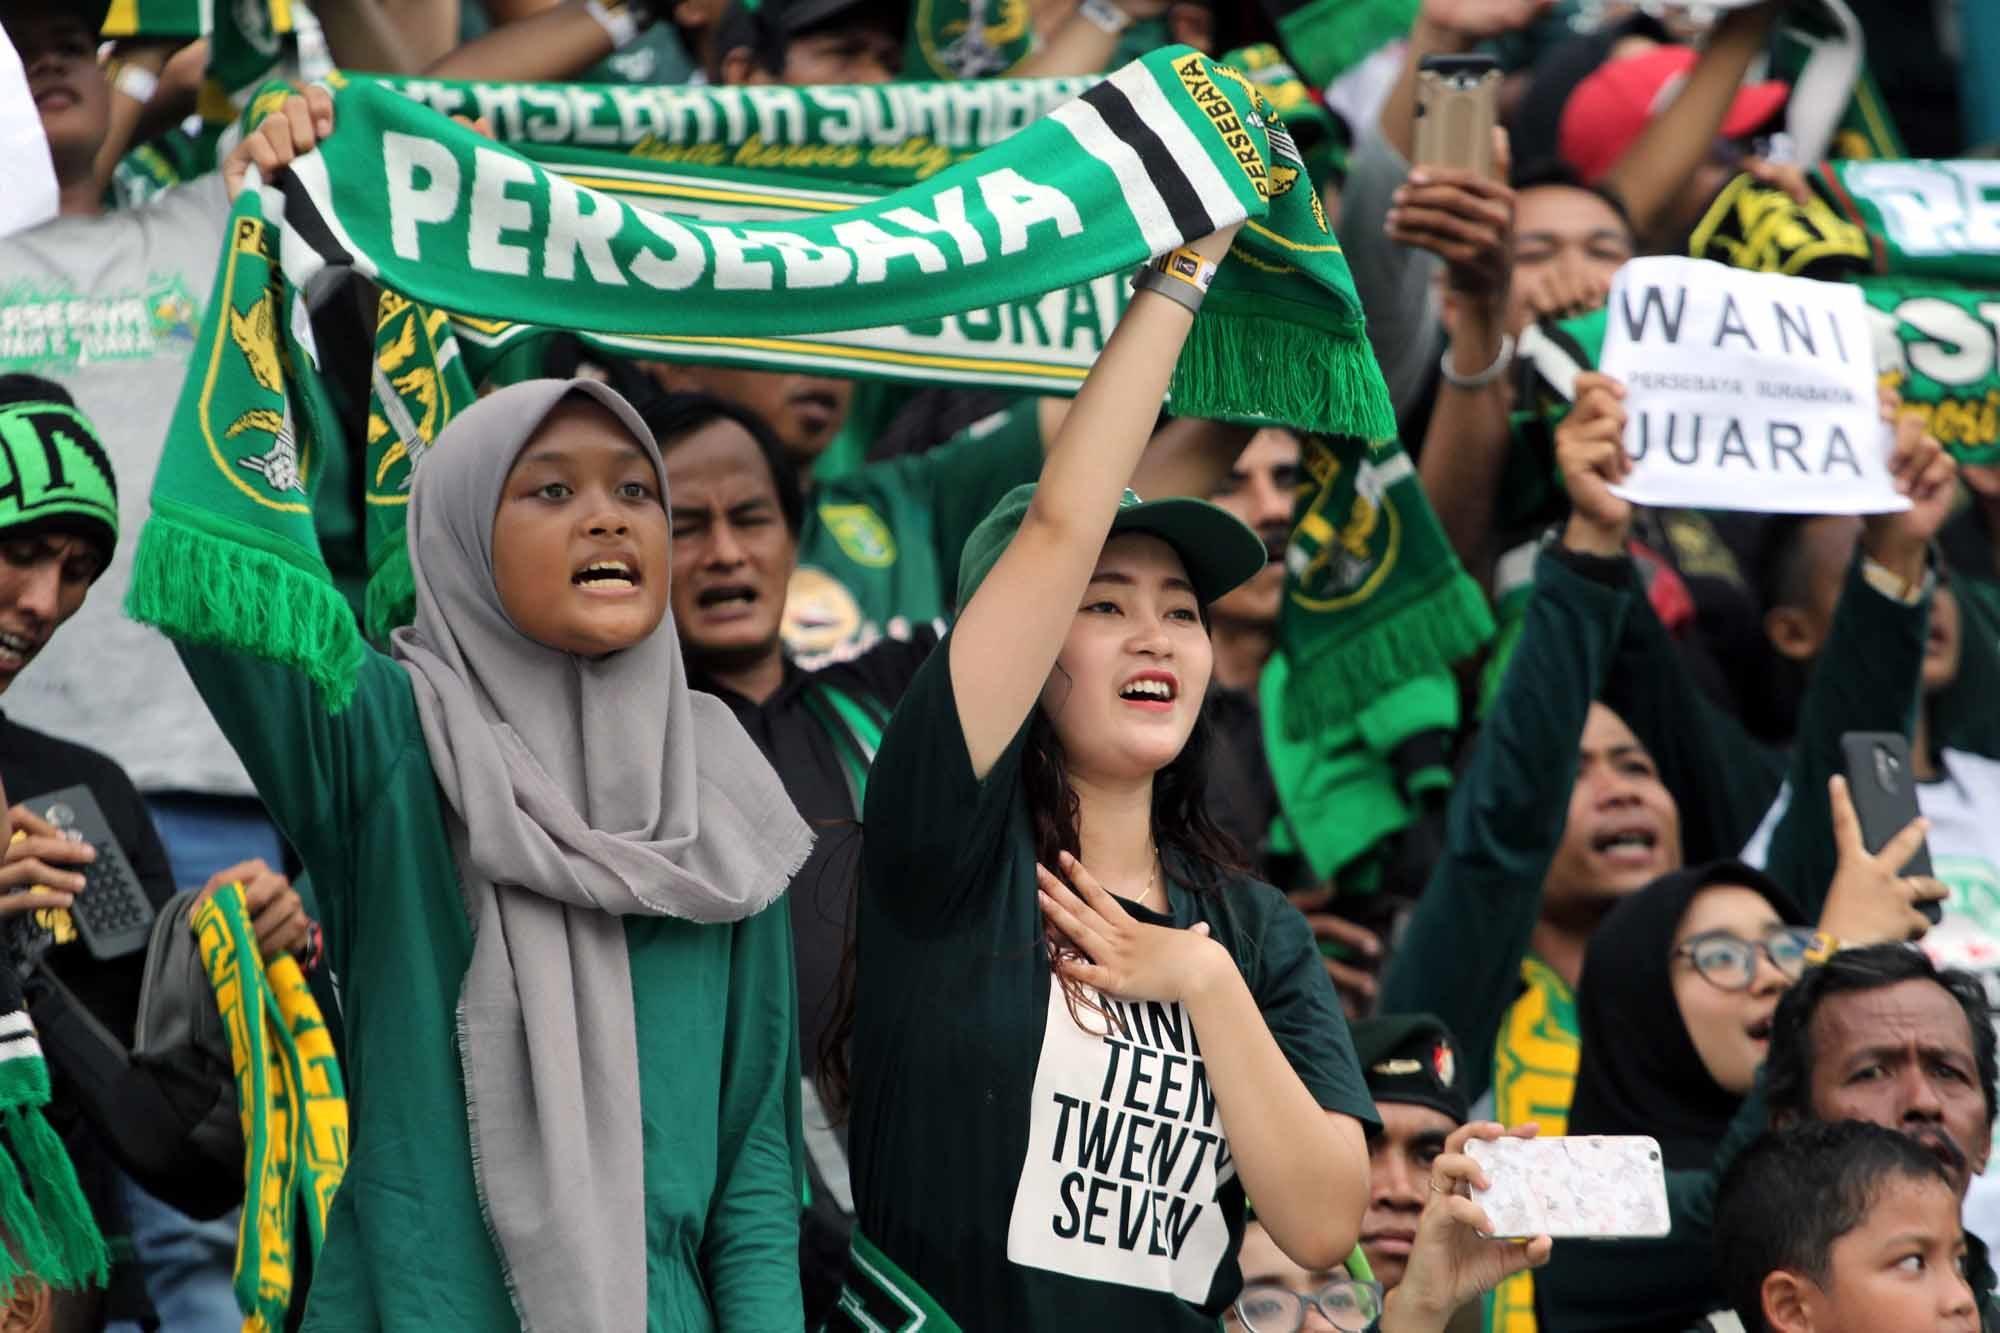 Diancam Bonek, Nyali Pemkot Ciut! Persebaya Diijinkan Pakai Stadion Gelora 10 November